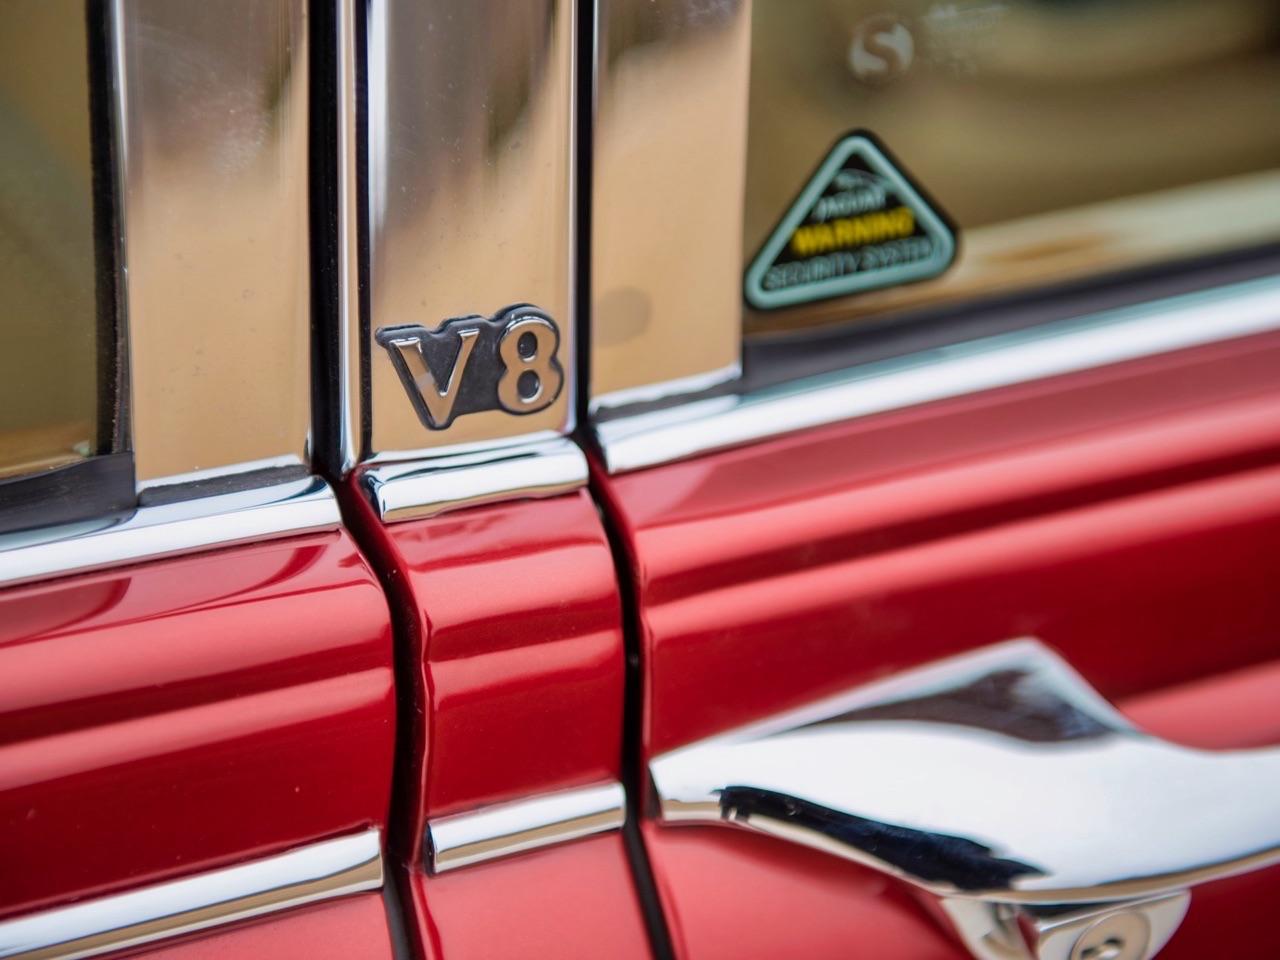 Restomod Jaguar Mk2 3.8... enfin, plutôt Beacham V8 Supercharged ! 9